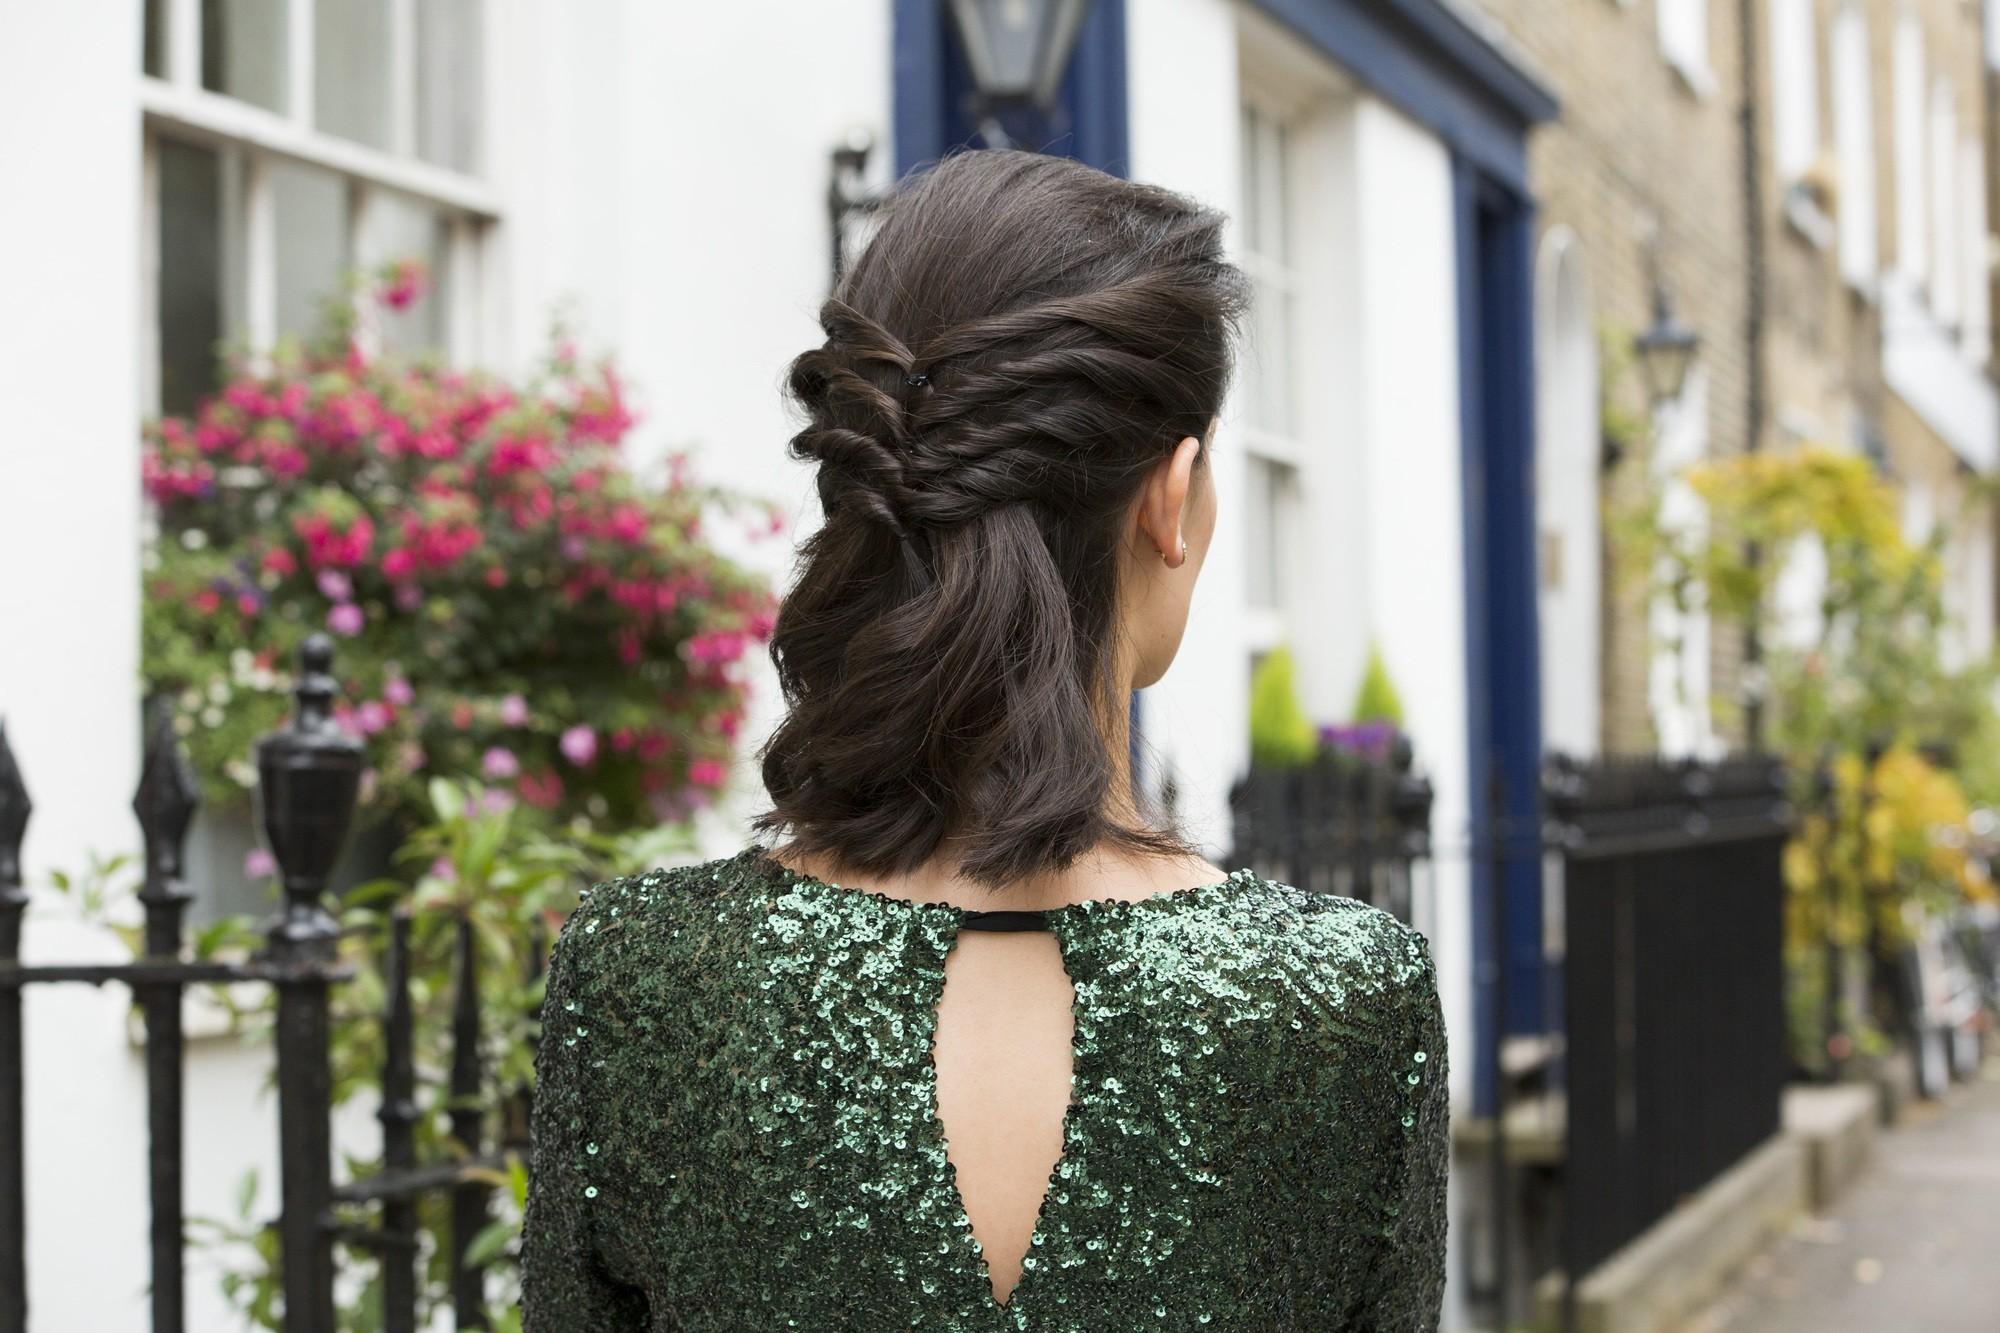 gros plan d'une femme à la coiffure tordue, mi-haute, mi-basse, portant une robe scintillante et posant à l'extérieur